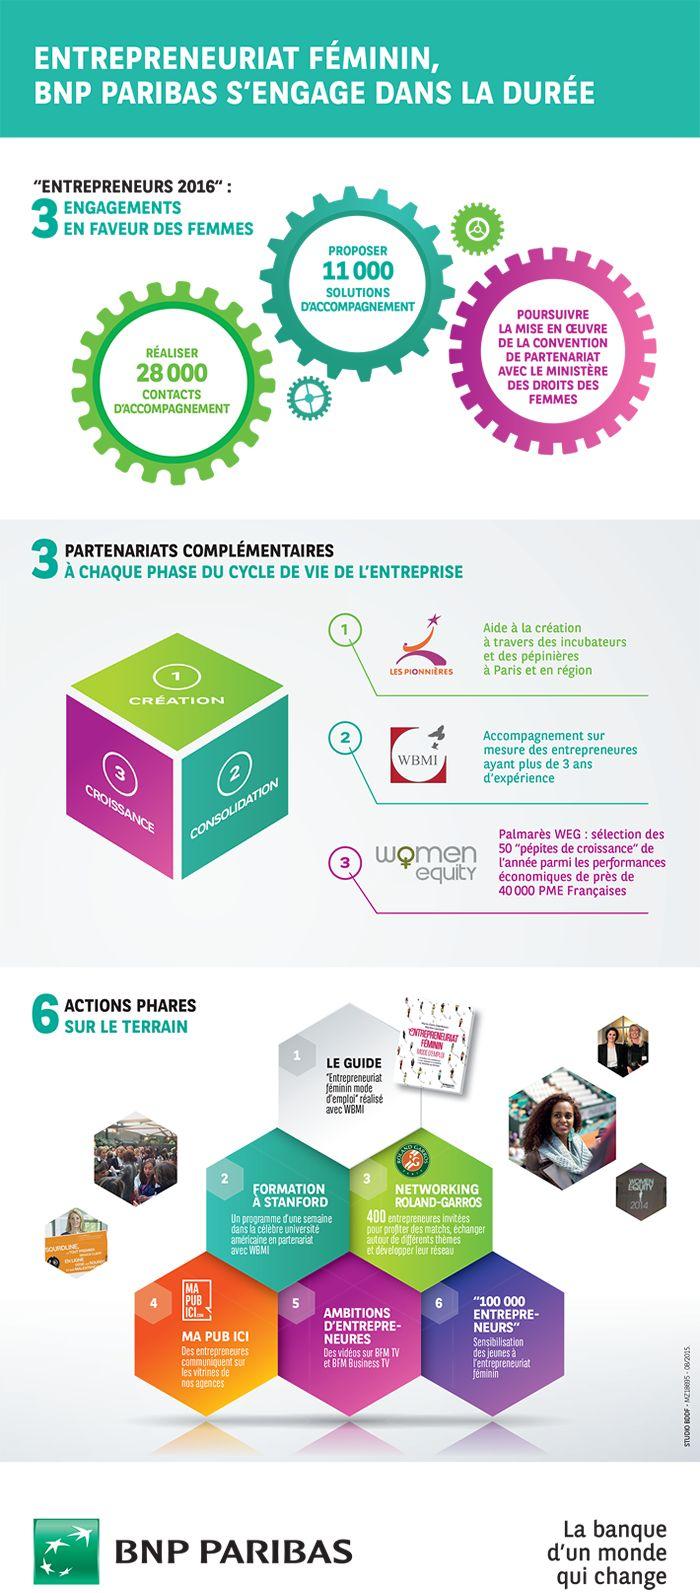 [Infographie] Entrepreneuriat féminin - BNP Paribas s'engage dans la durée